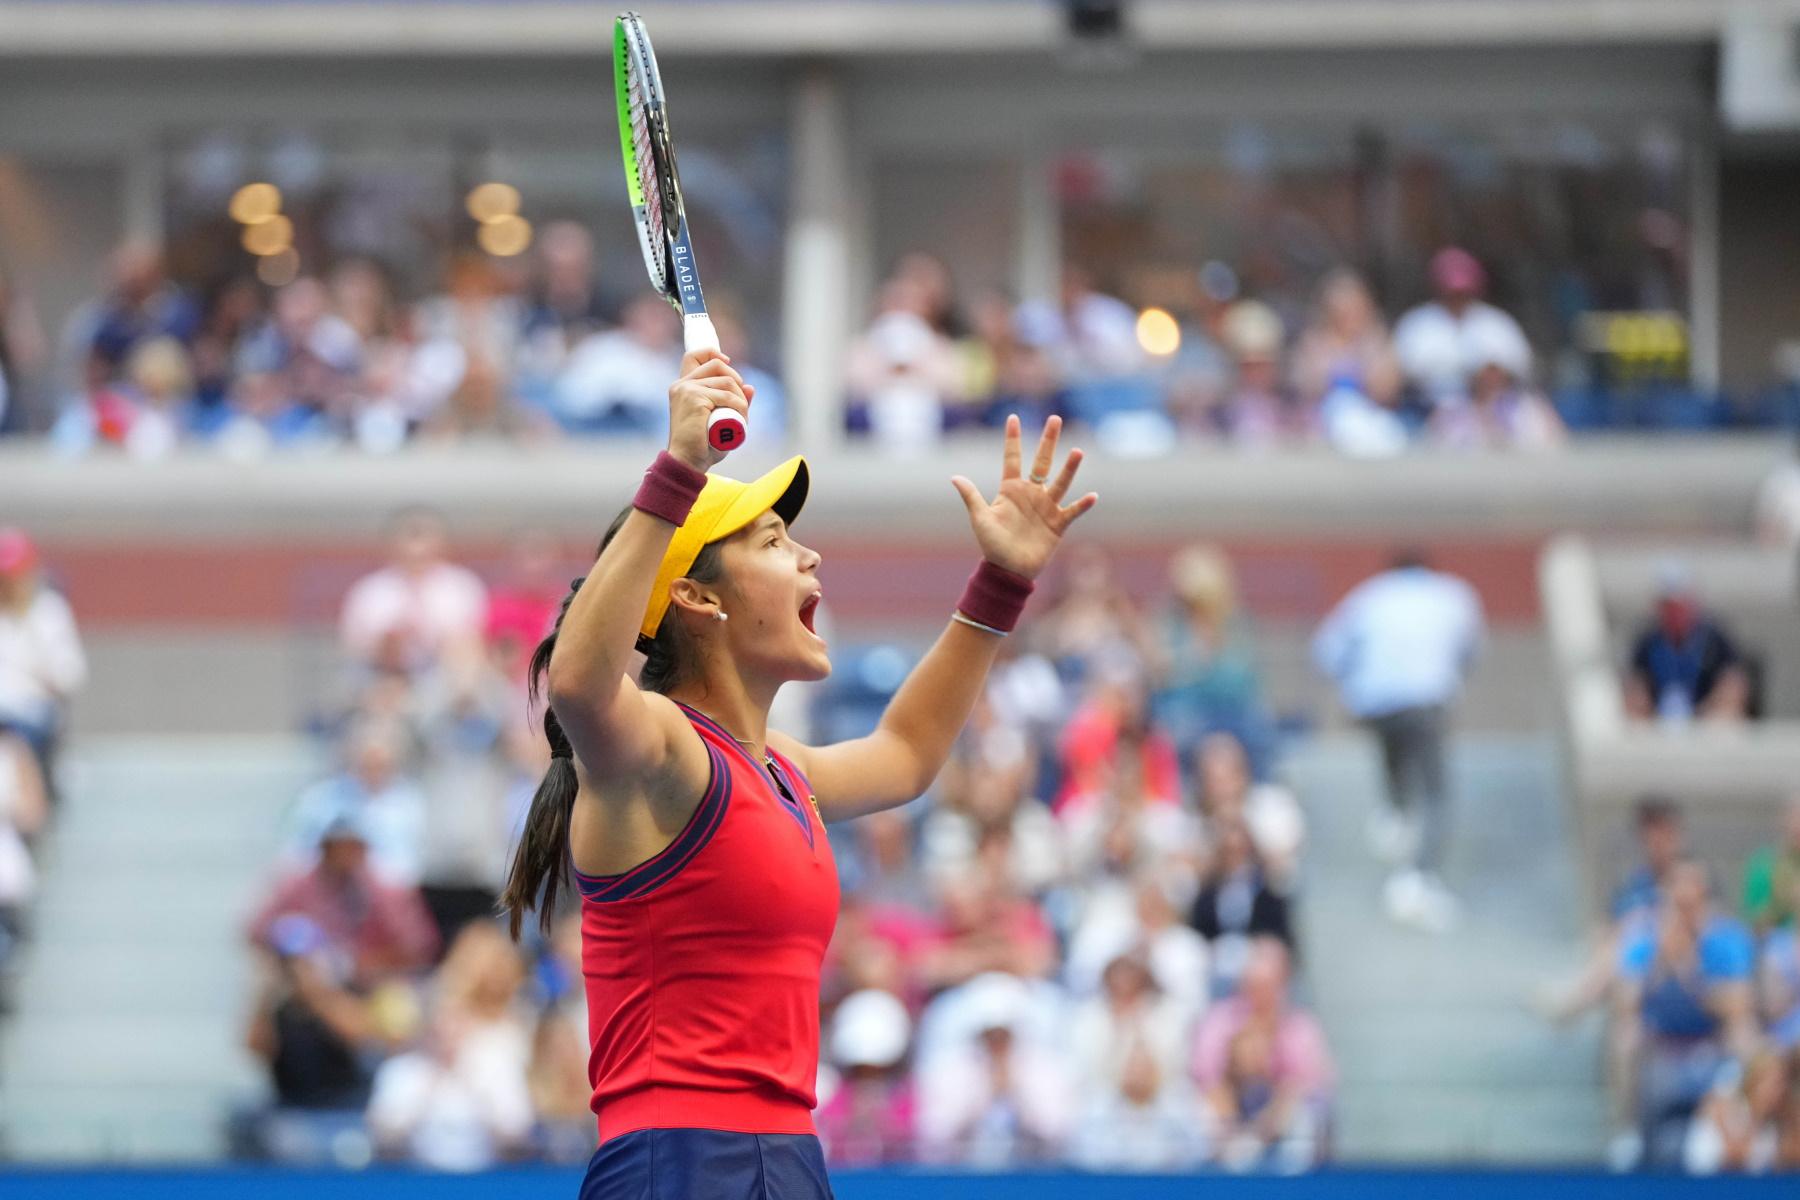 Έμμα Ραντουκάνου – Λέιλα Φερνάντεζ 2-0: Κατέκτησε το US Open χωρίς να χάσει σετ